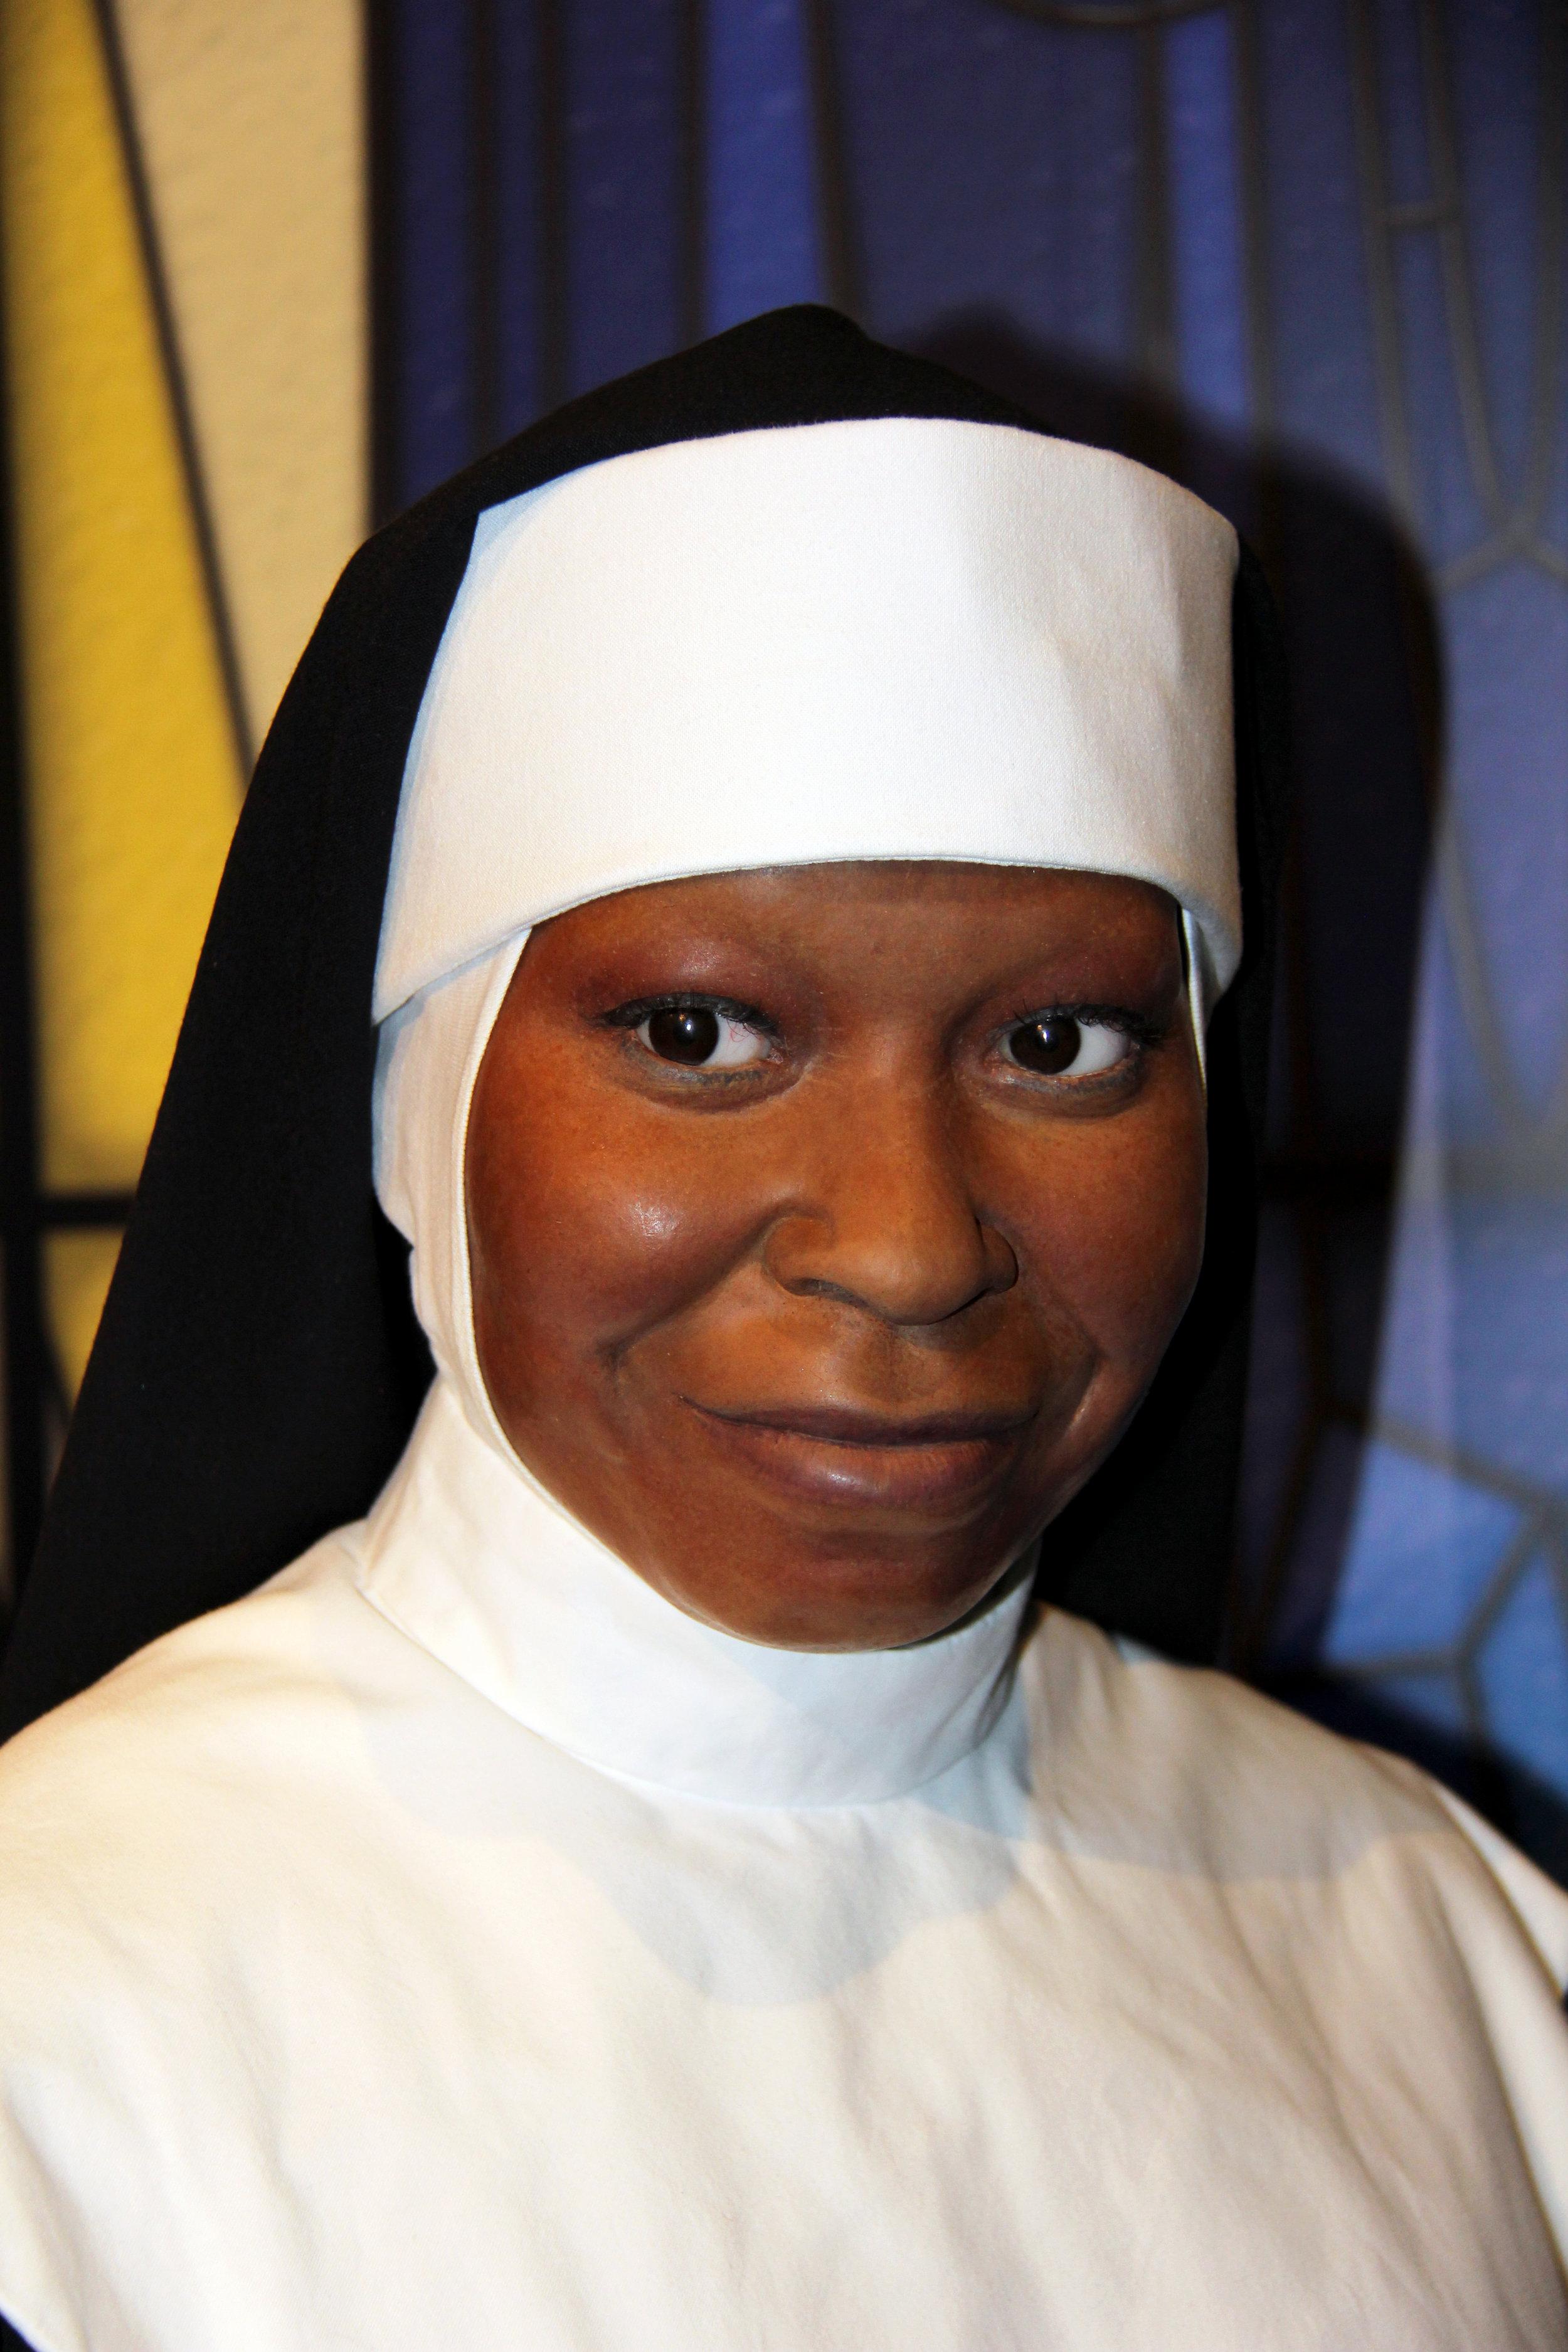 Heavenly Host - Sister Act Choir